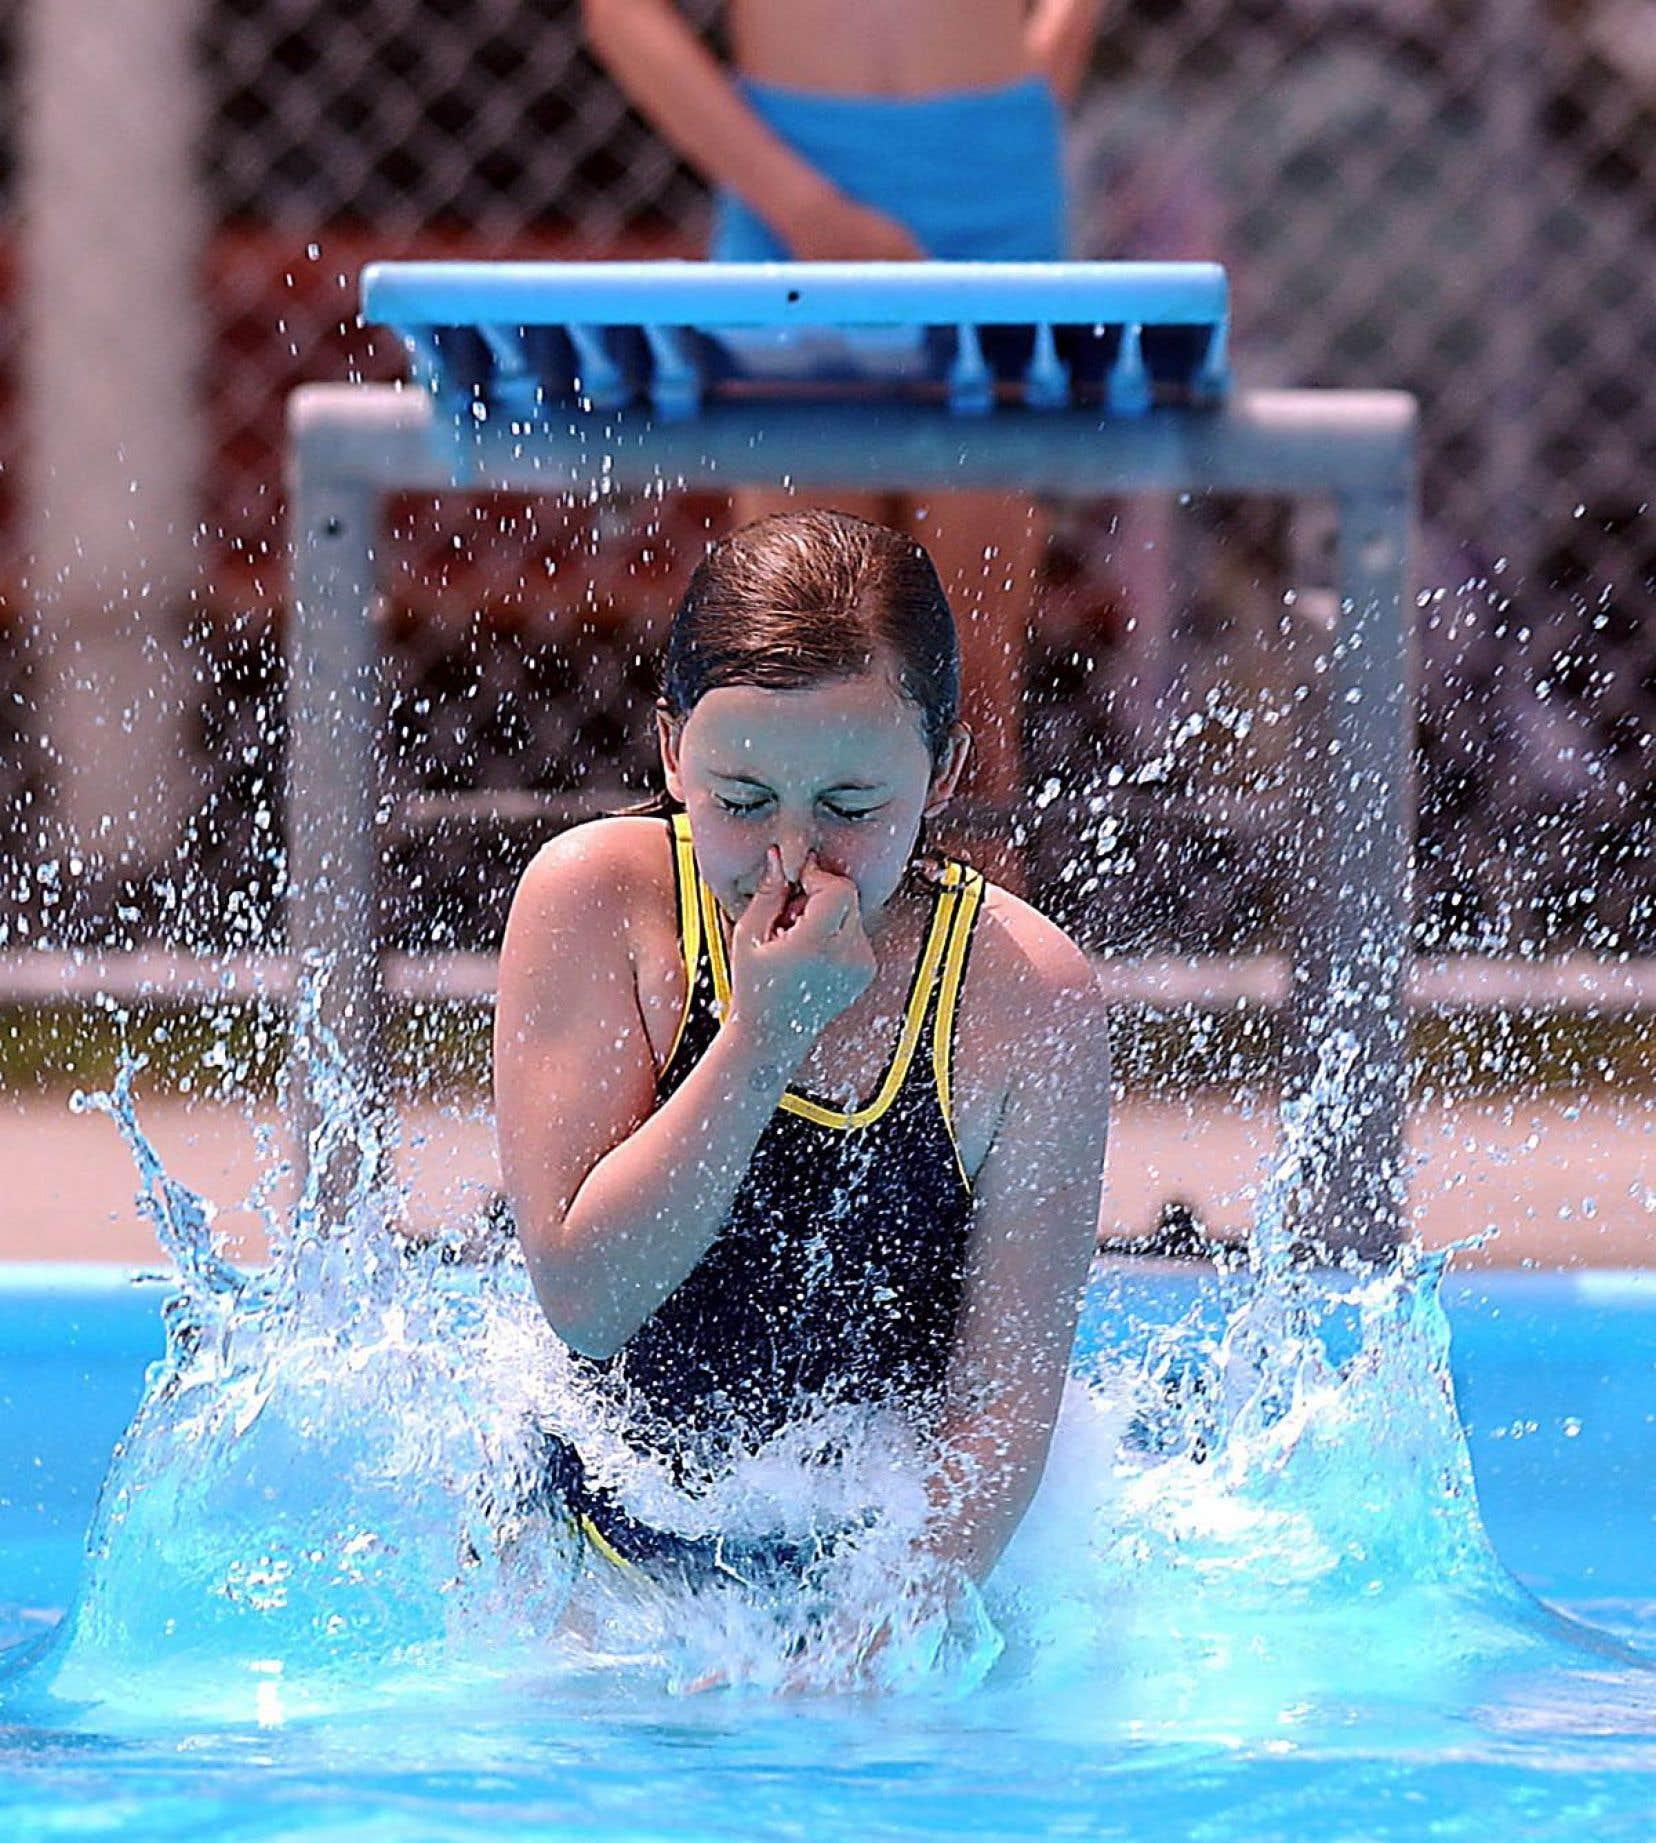 Les gaz volatils produits par le chlore des piscines ont des effets néfastes sur les bronches.